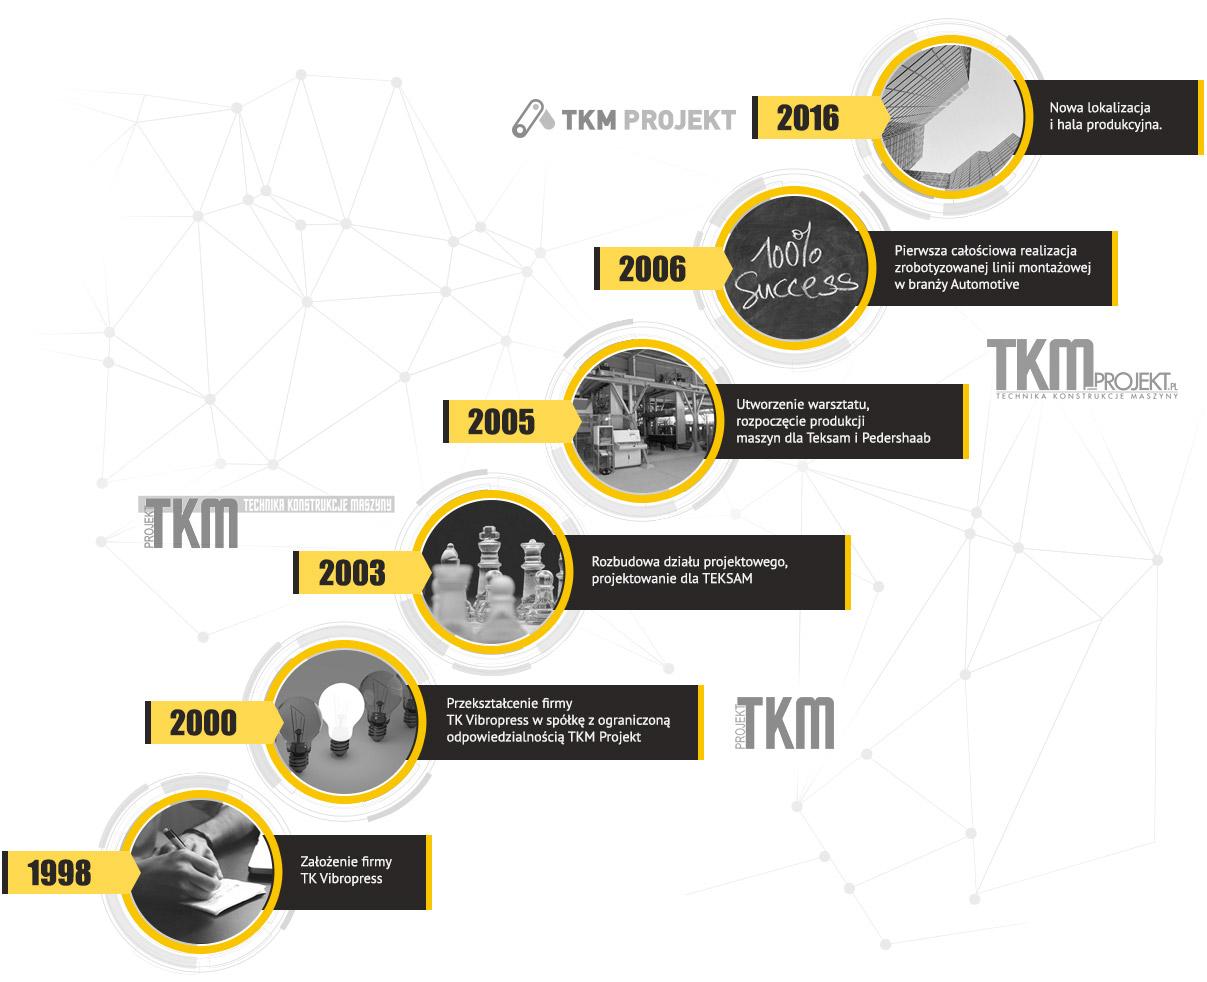 historia firmy tkm-projekt